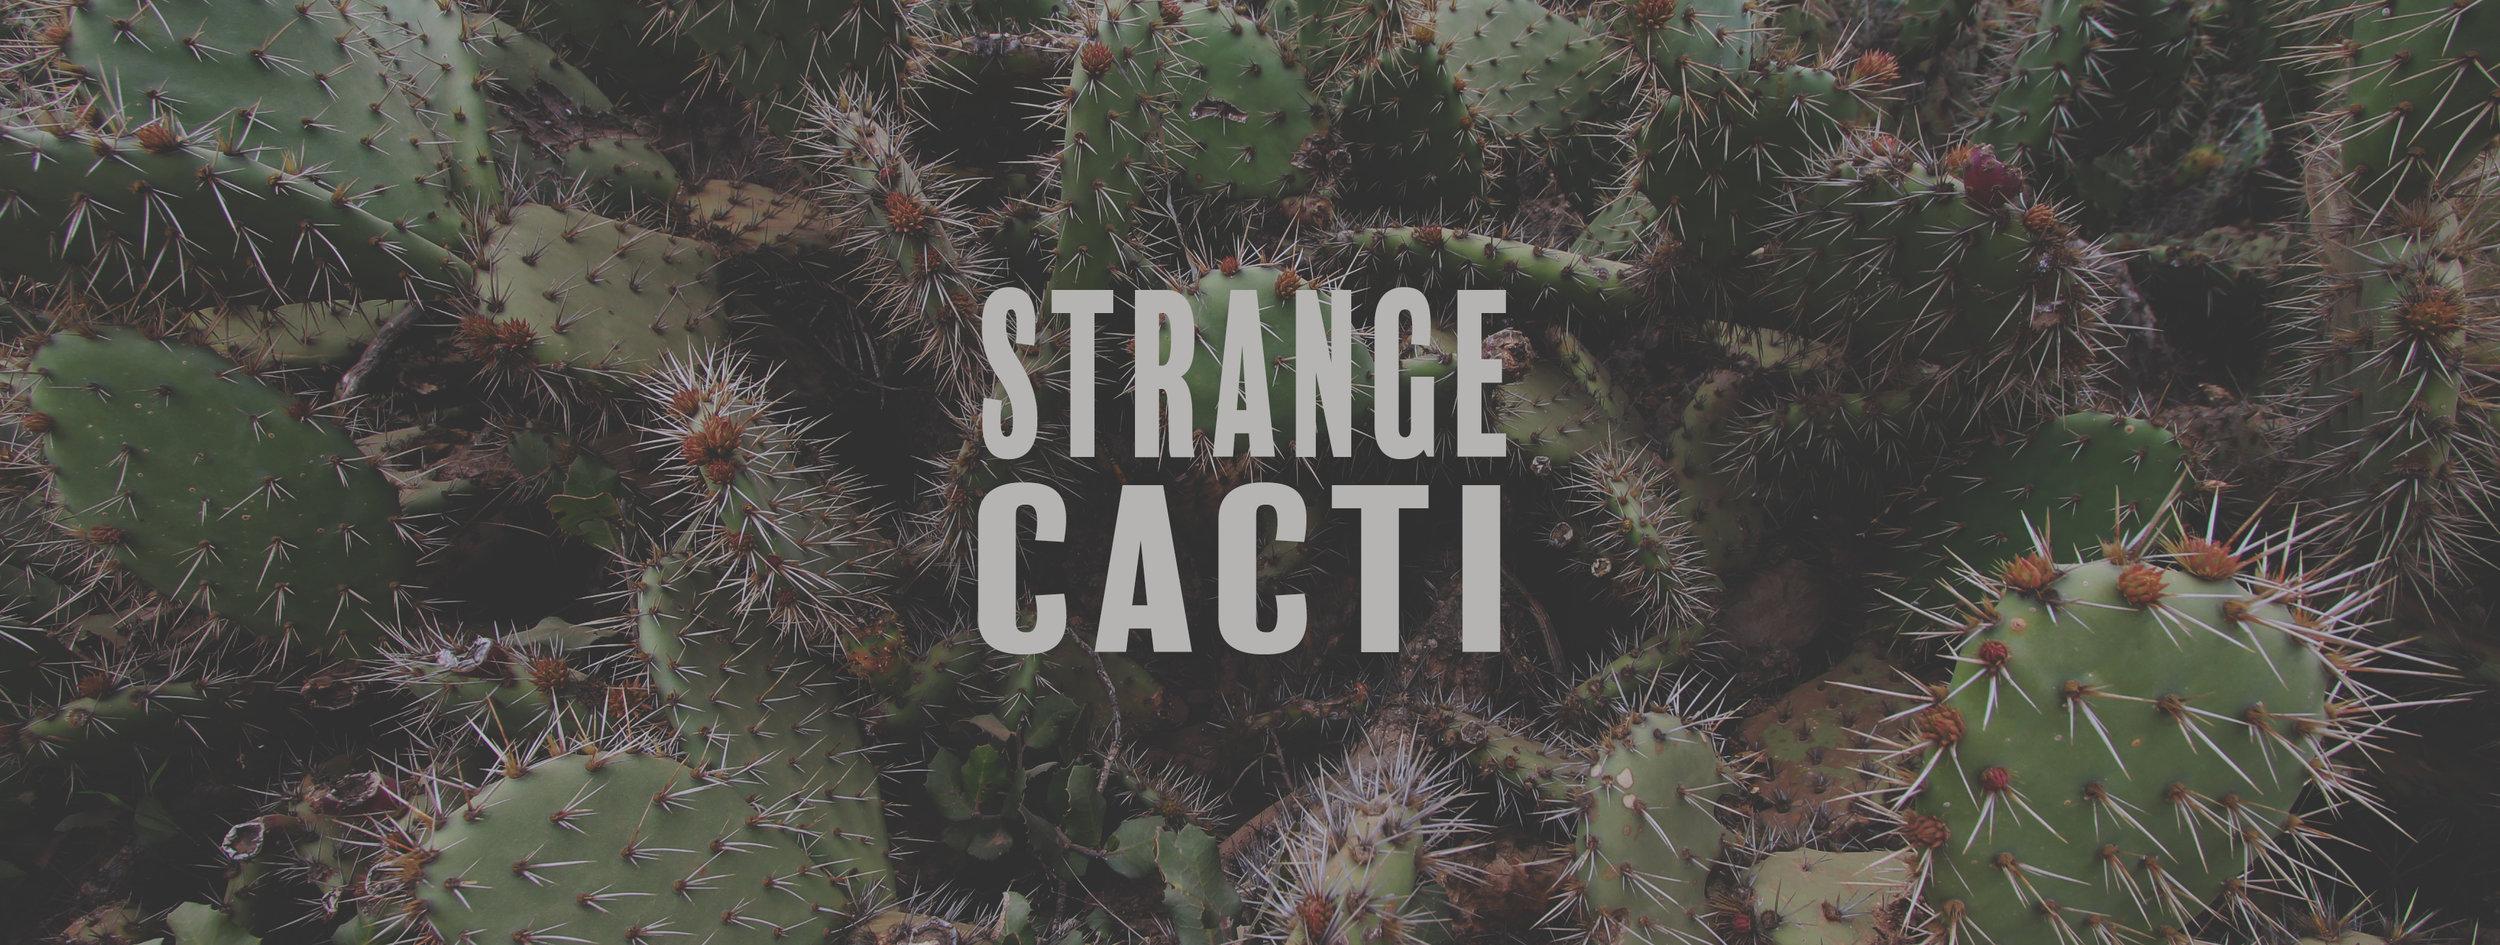 STRANGE CACTI short.jpg